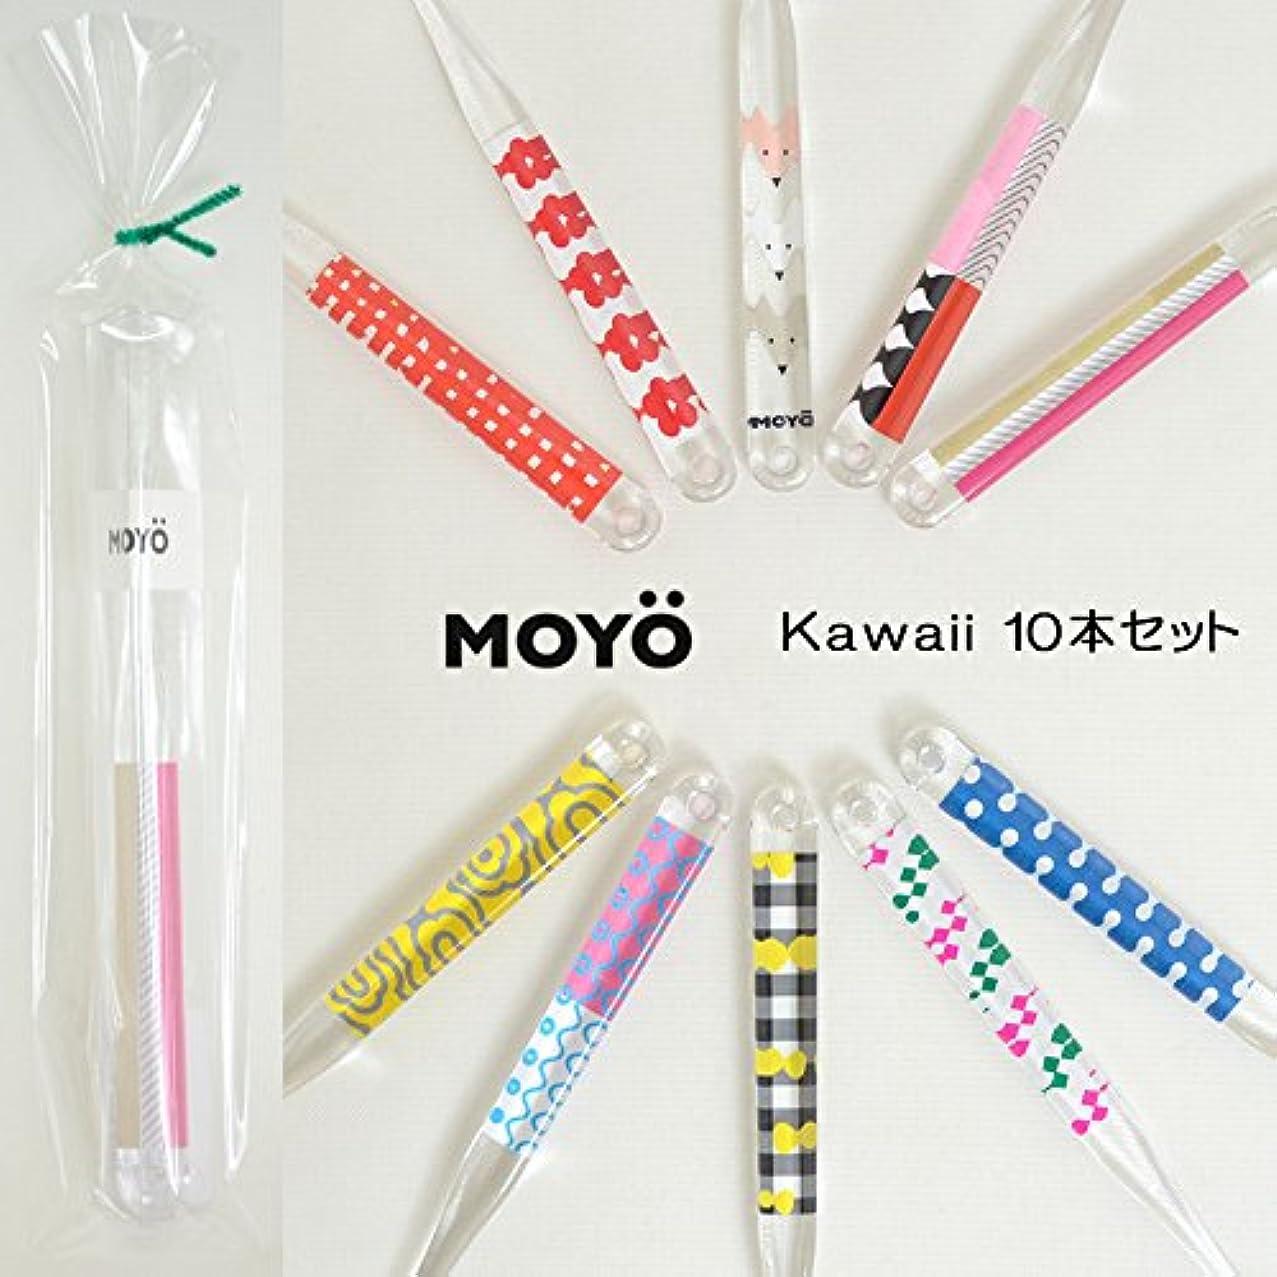 超えて受け入れた転倒MOYO モヨウ kawaii10本 プチ ギフト セット_562302-kawaii2 【F】,kawaii10本セット